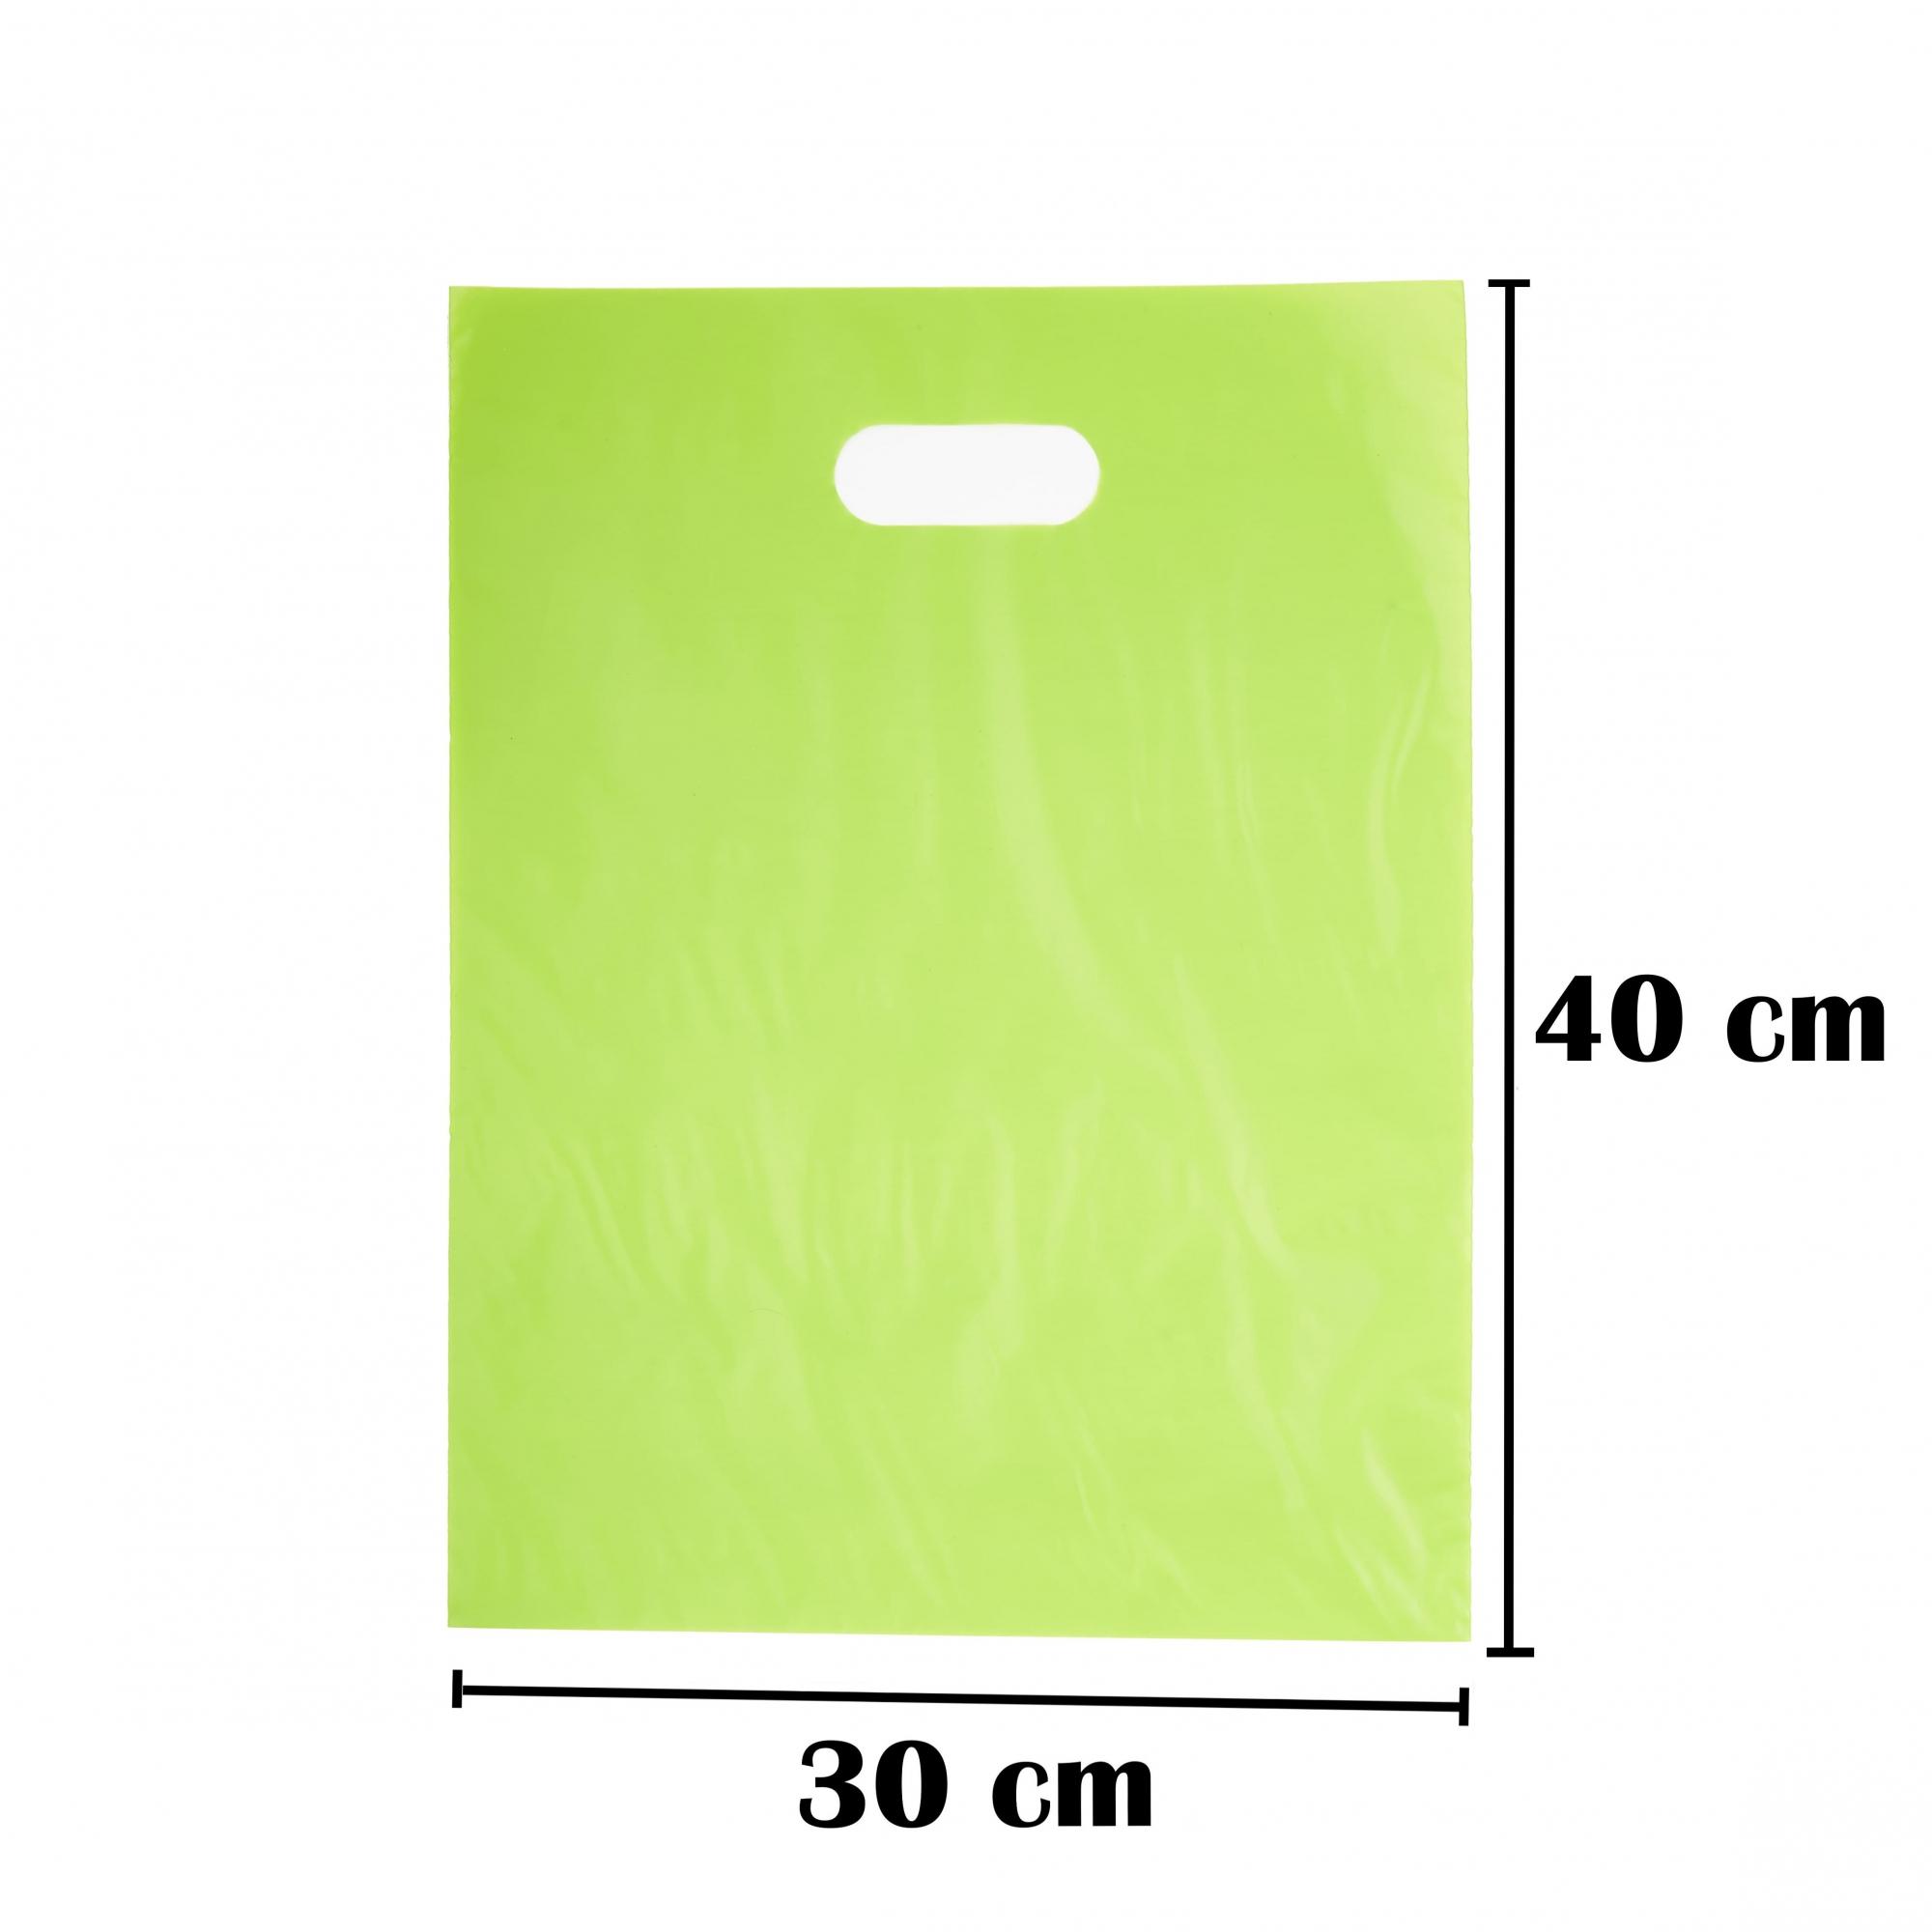 Sacola Plástica 30x40 Verde Alça Boca de Palhaço 50 Unidades